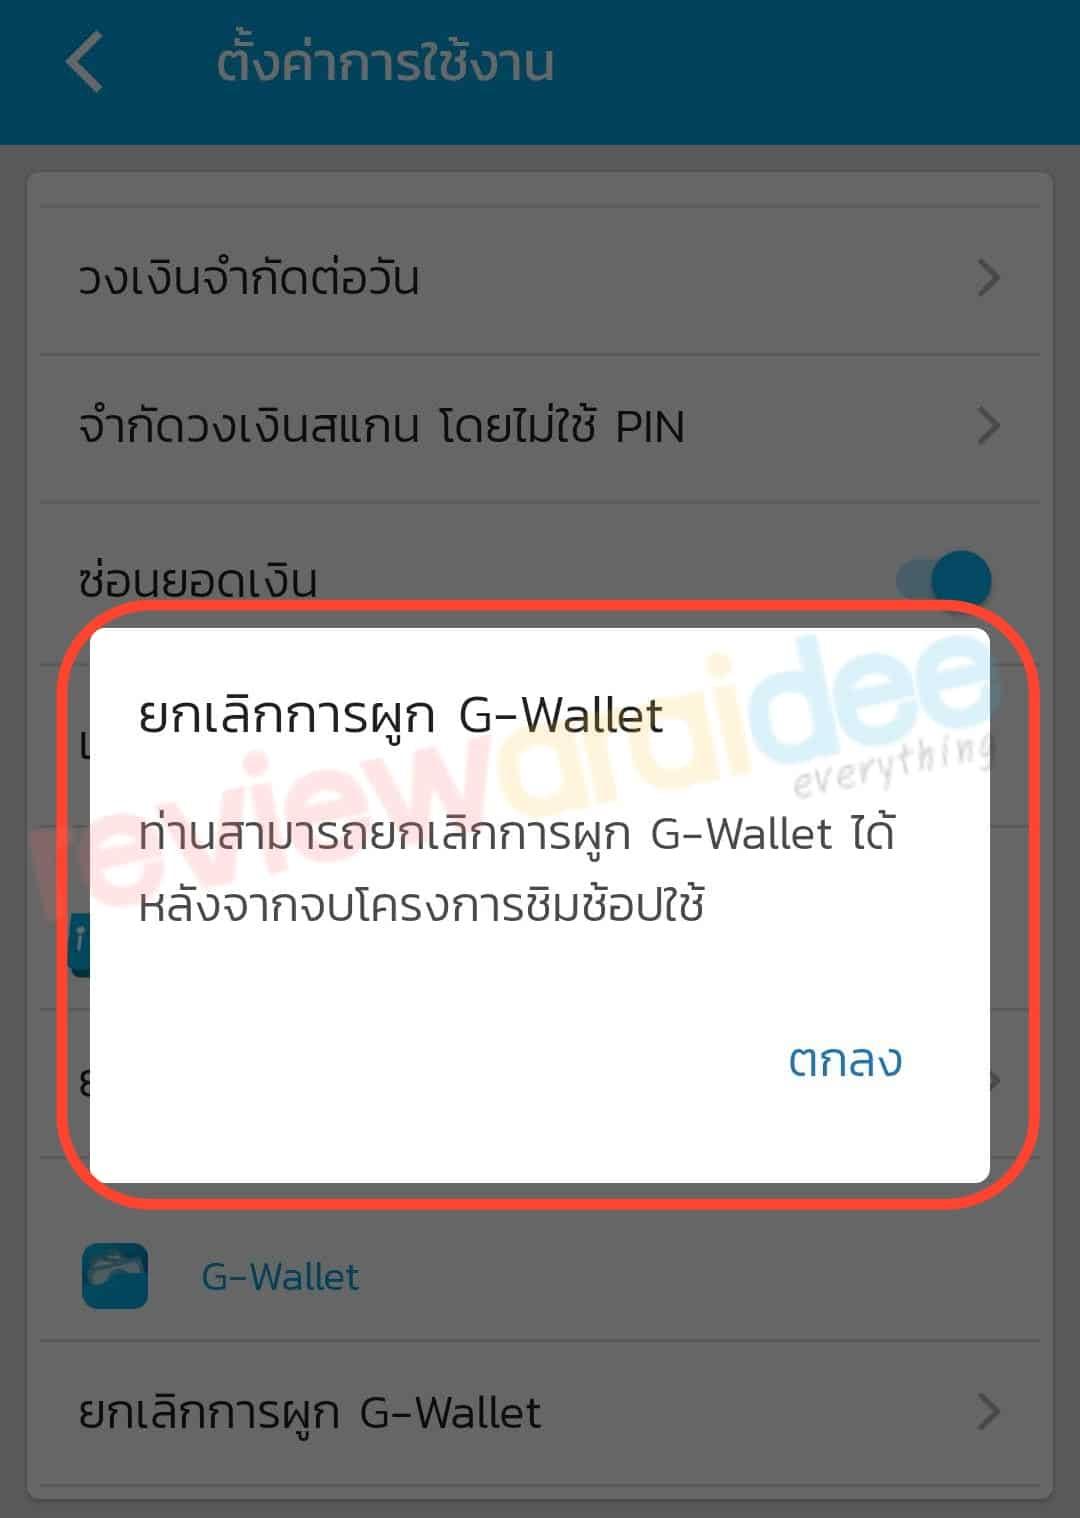 1000 baht g wallet  2